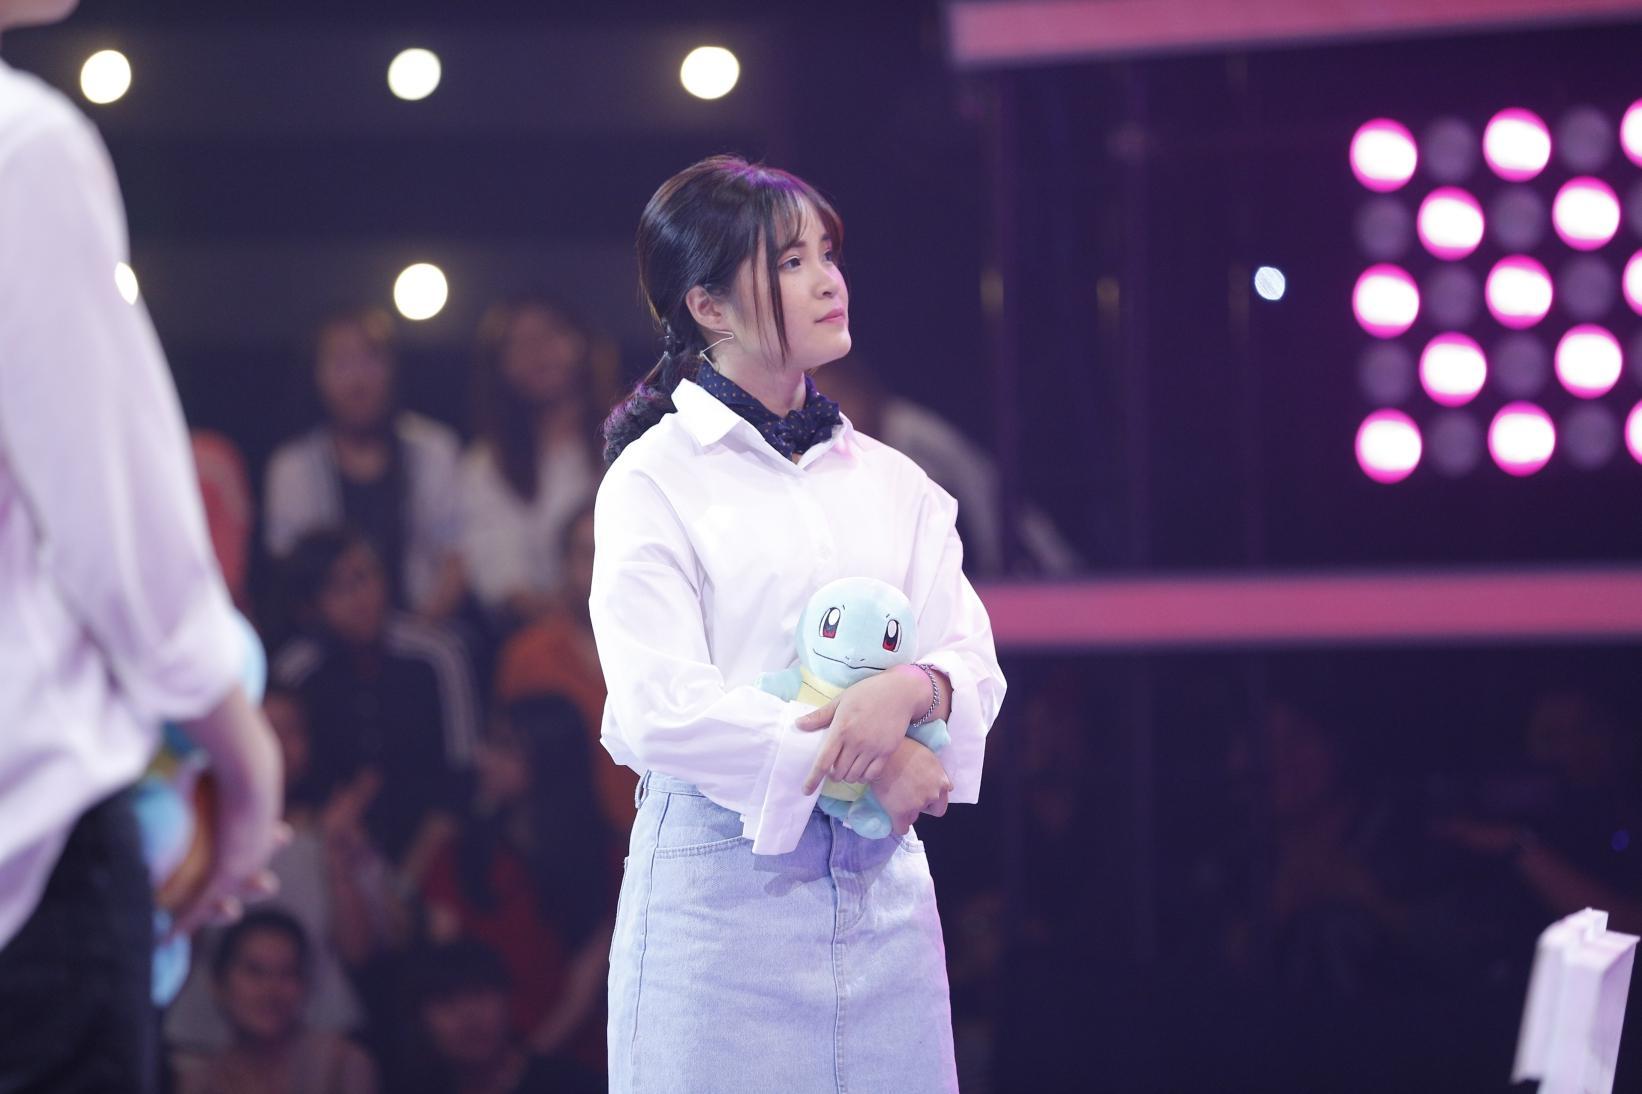 Bay từ Hàn Quốc về tỏ tình với Phí Ngọc Hưng, vậy mà cô gái này nhát đến nỗi không dám đọc kết quả-7